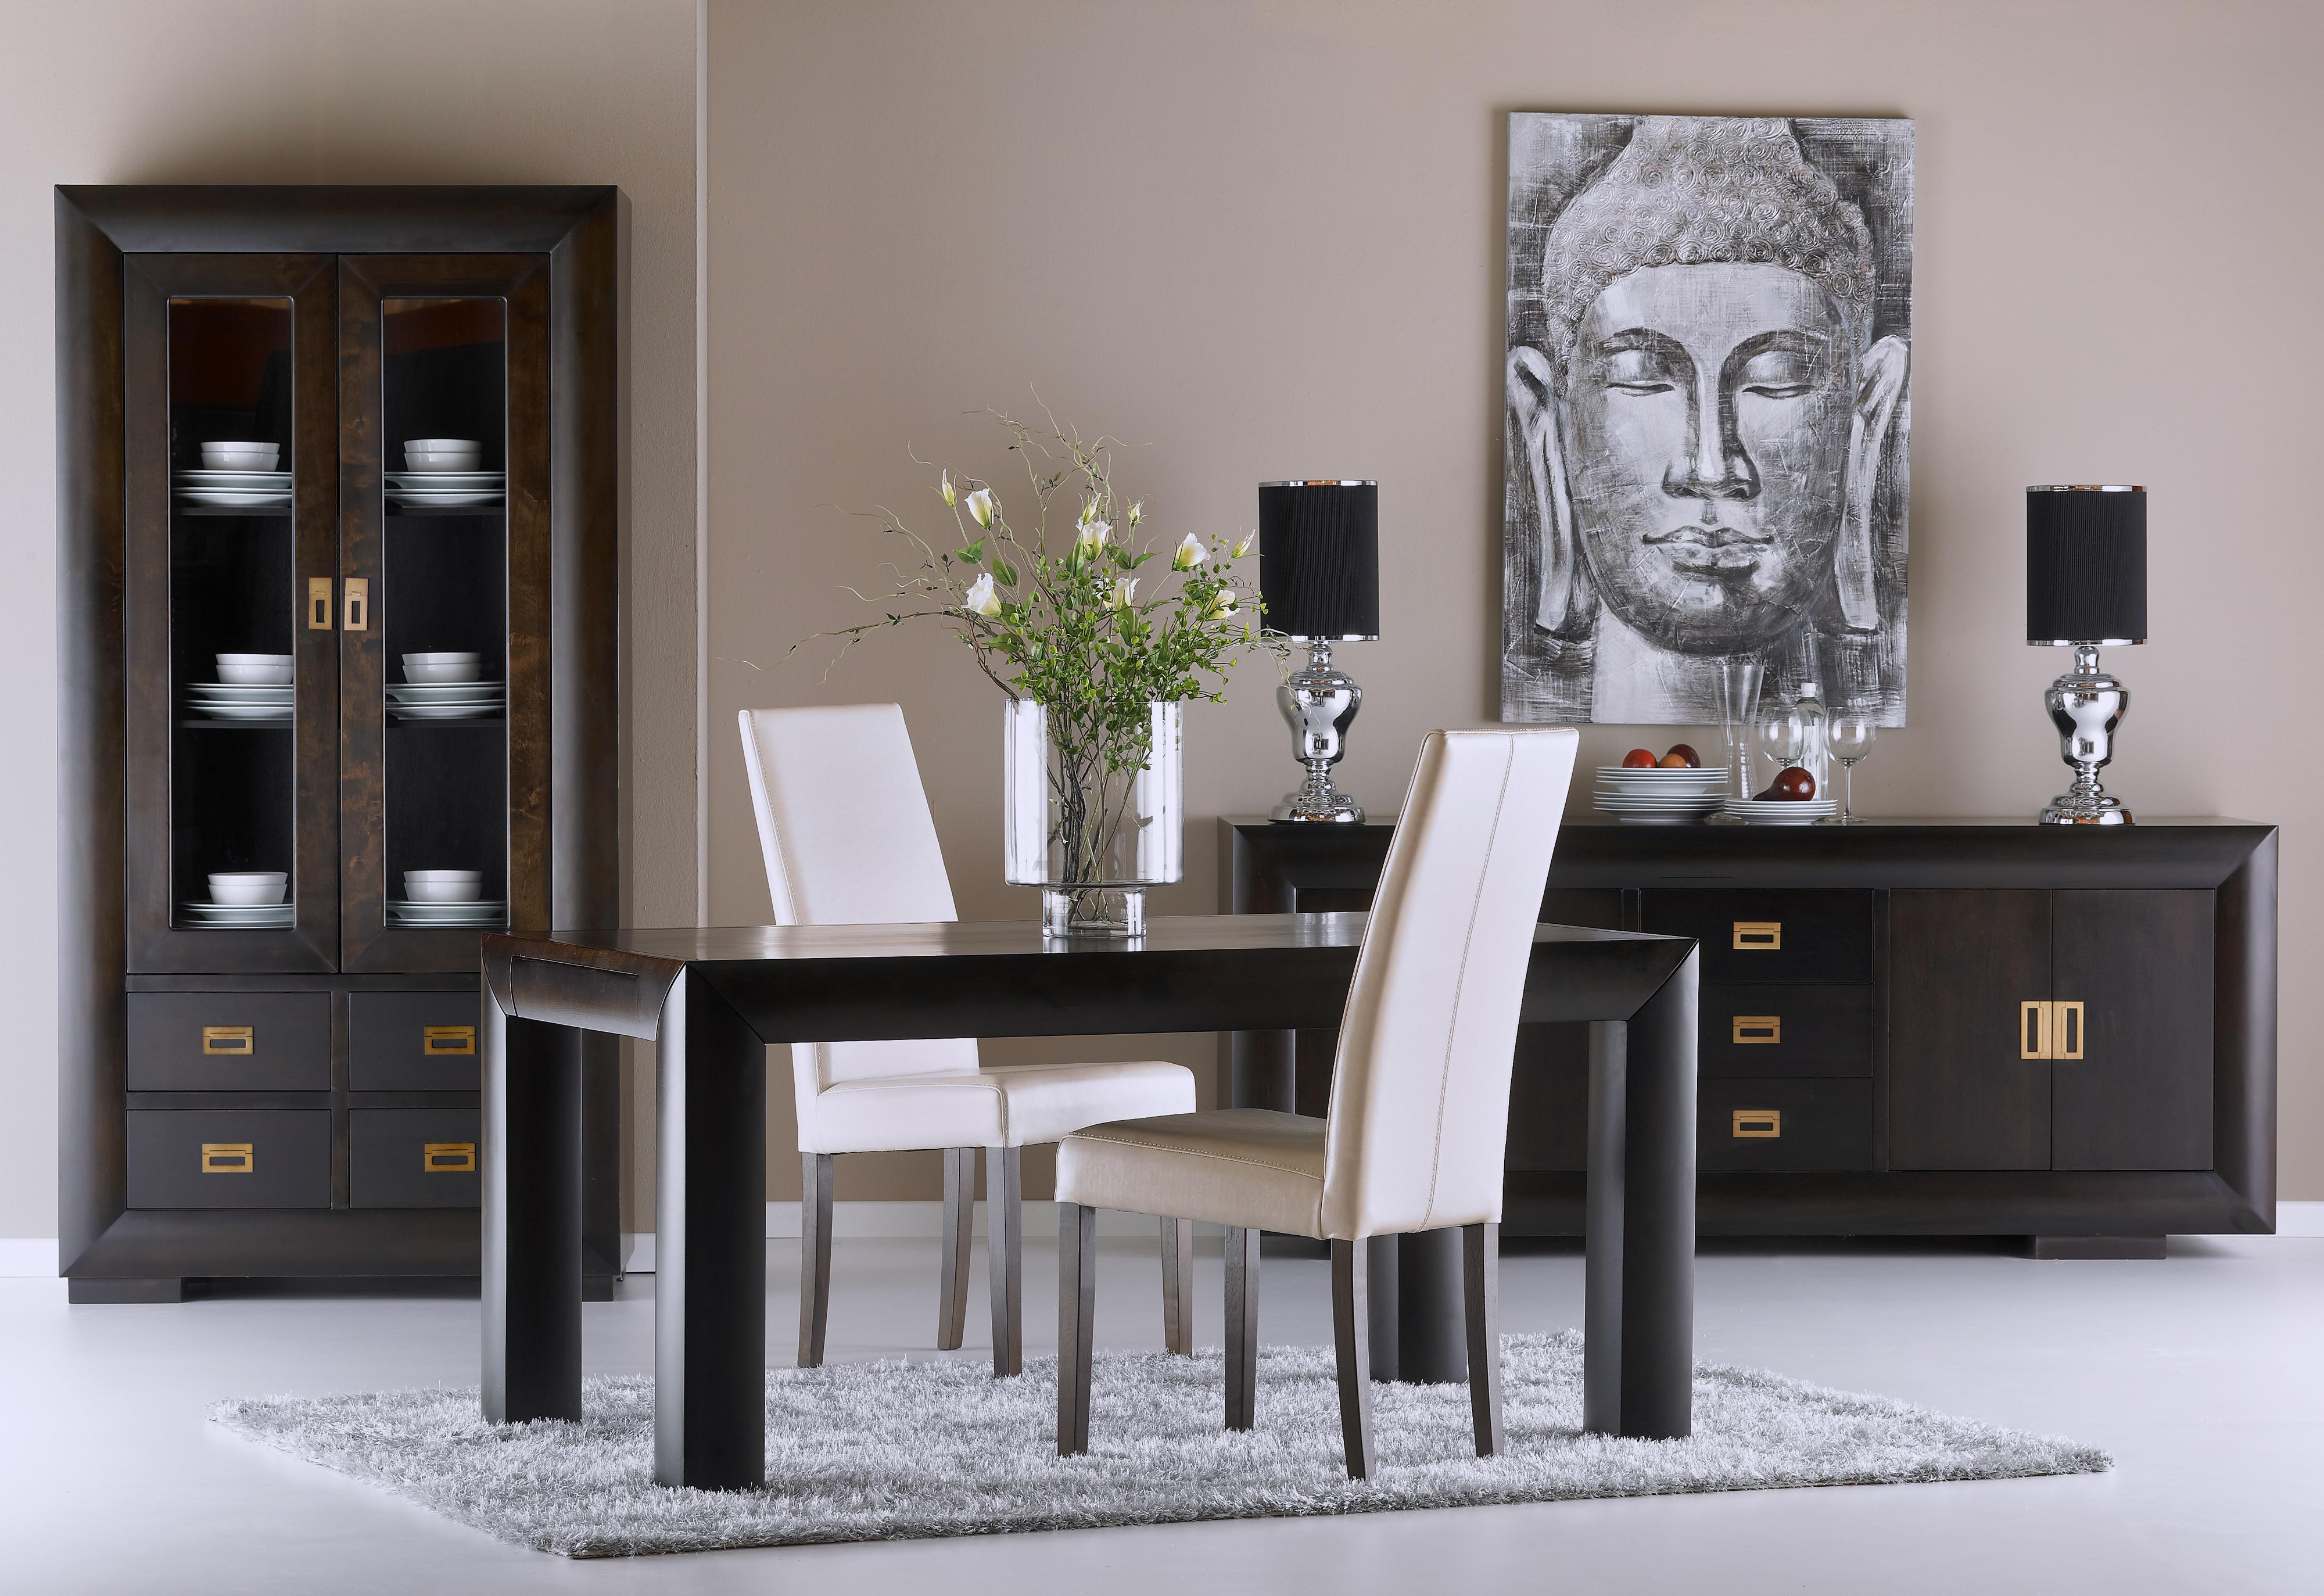 La reina de la casa: la mesa